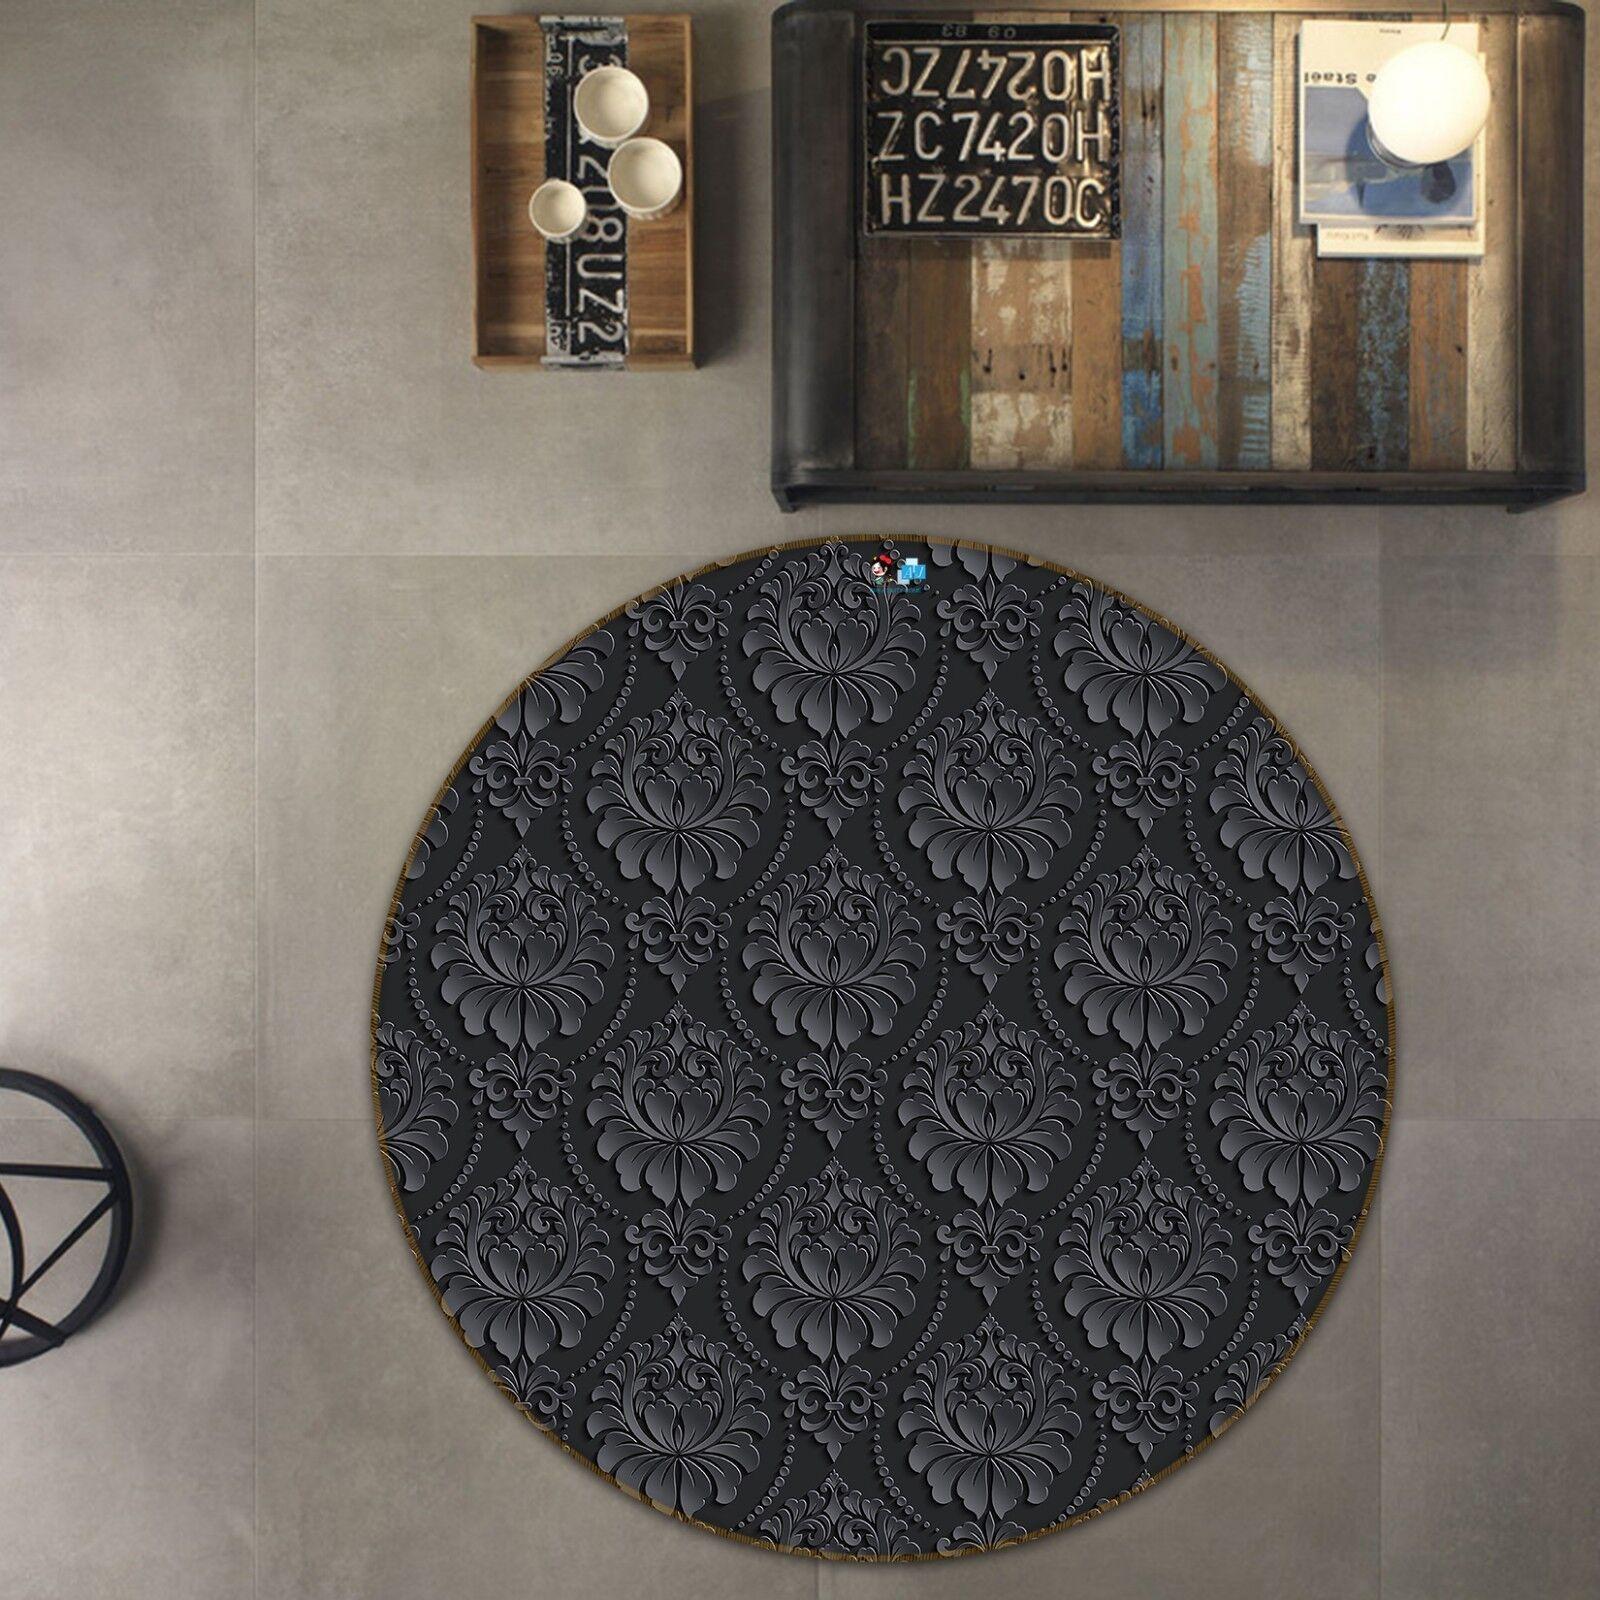 3D Nero Floreale Art 5 antiscivolo tappeto camera Tappetino Tondo Qualità Elegante Tappeto foto